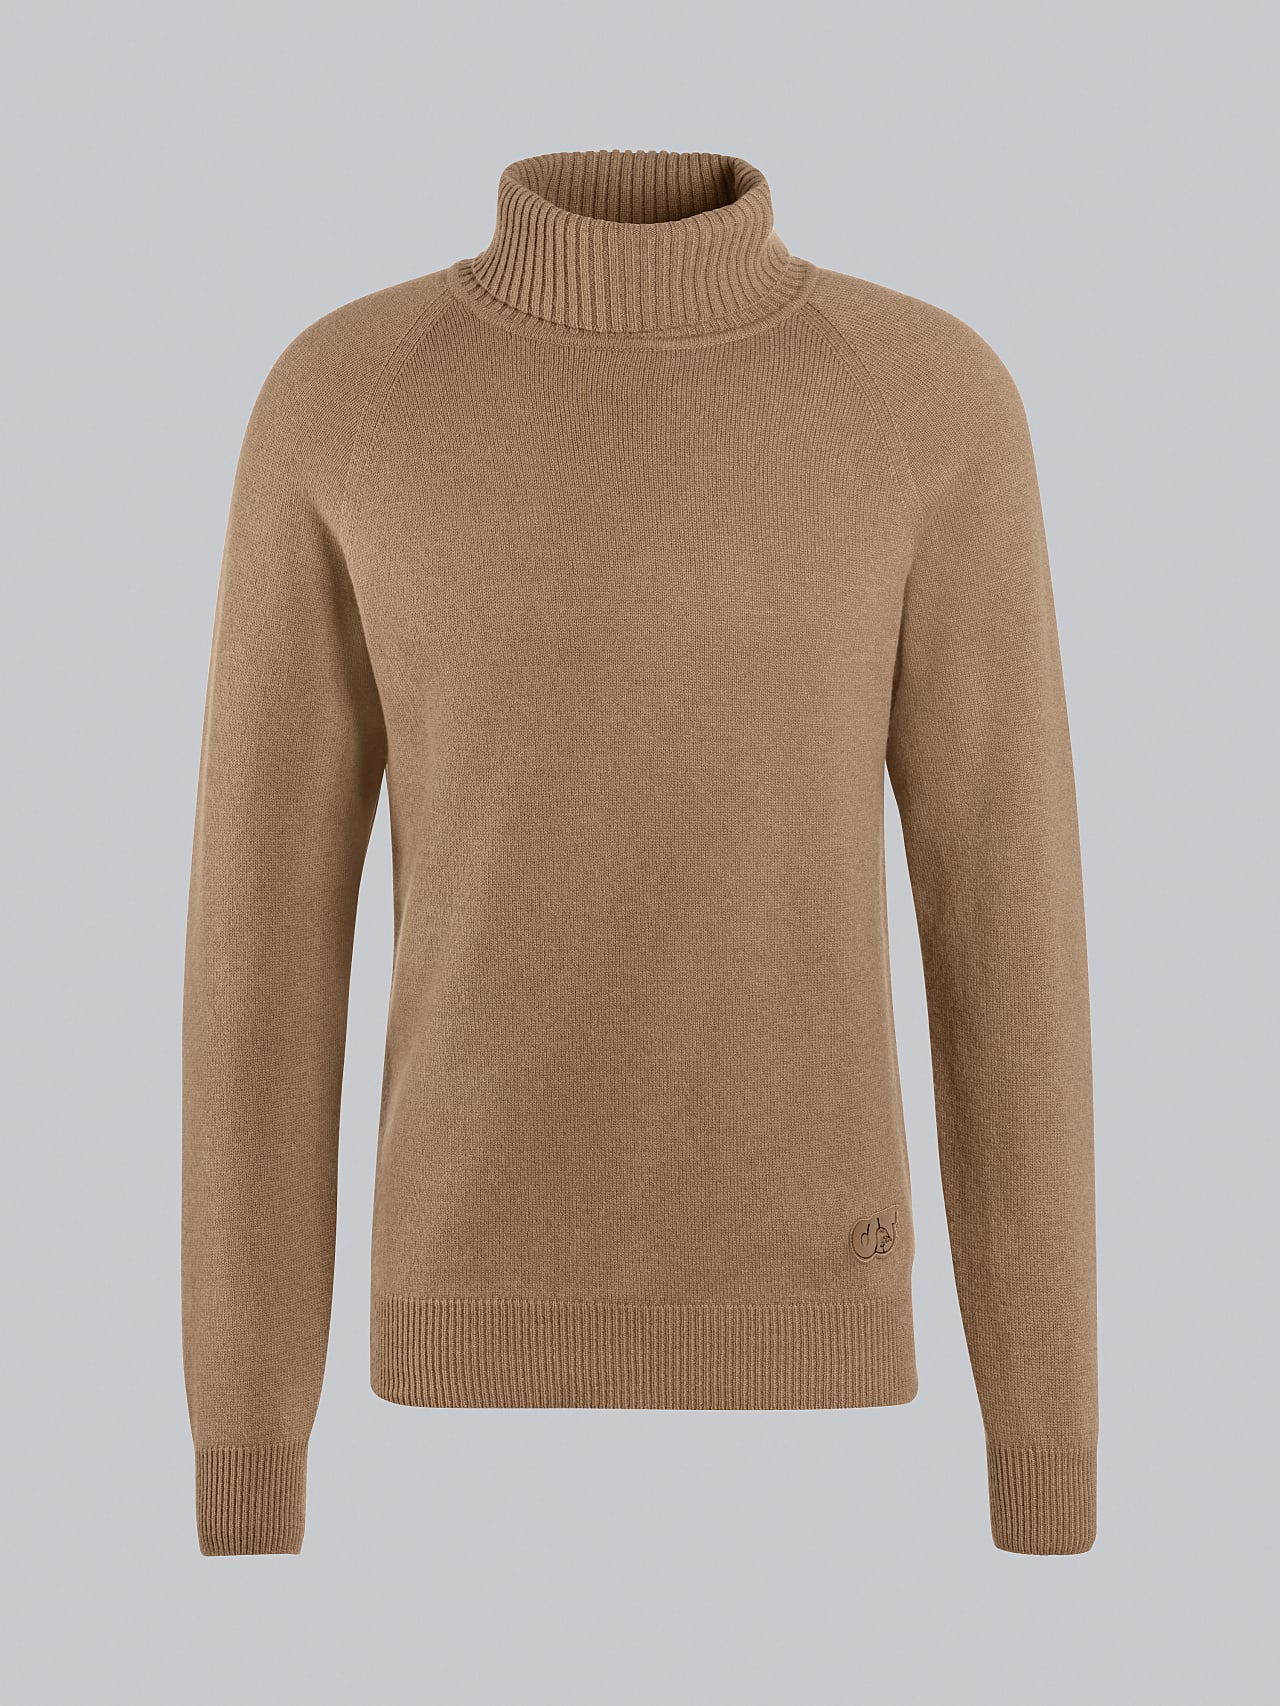 FLUCK V2.Y5.02 Seamless 3D Knit Cashmere-Blend Turtle Neck gold Back Alpha Tauri